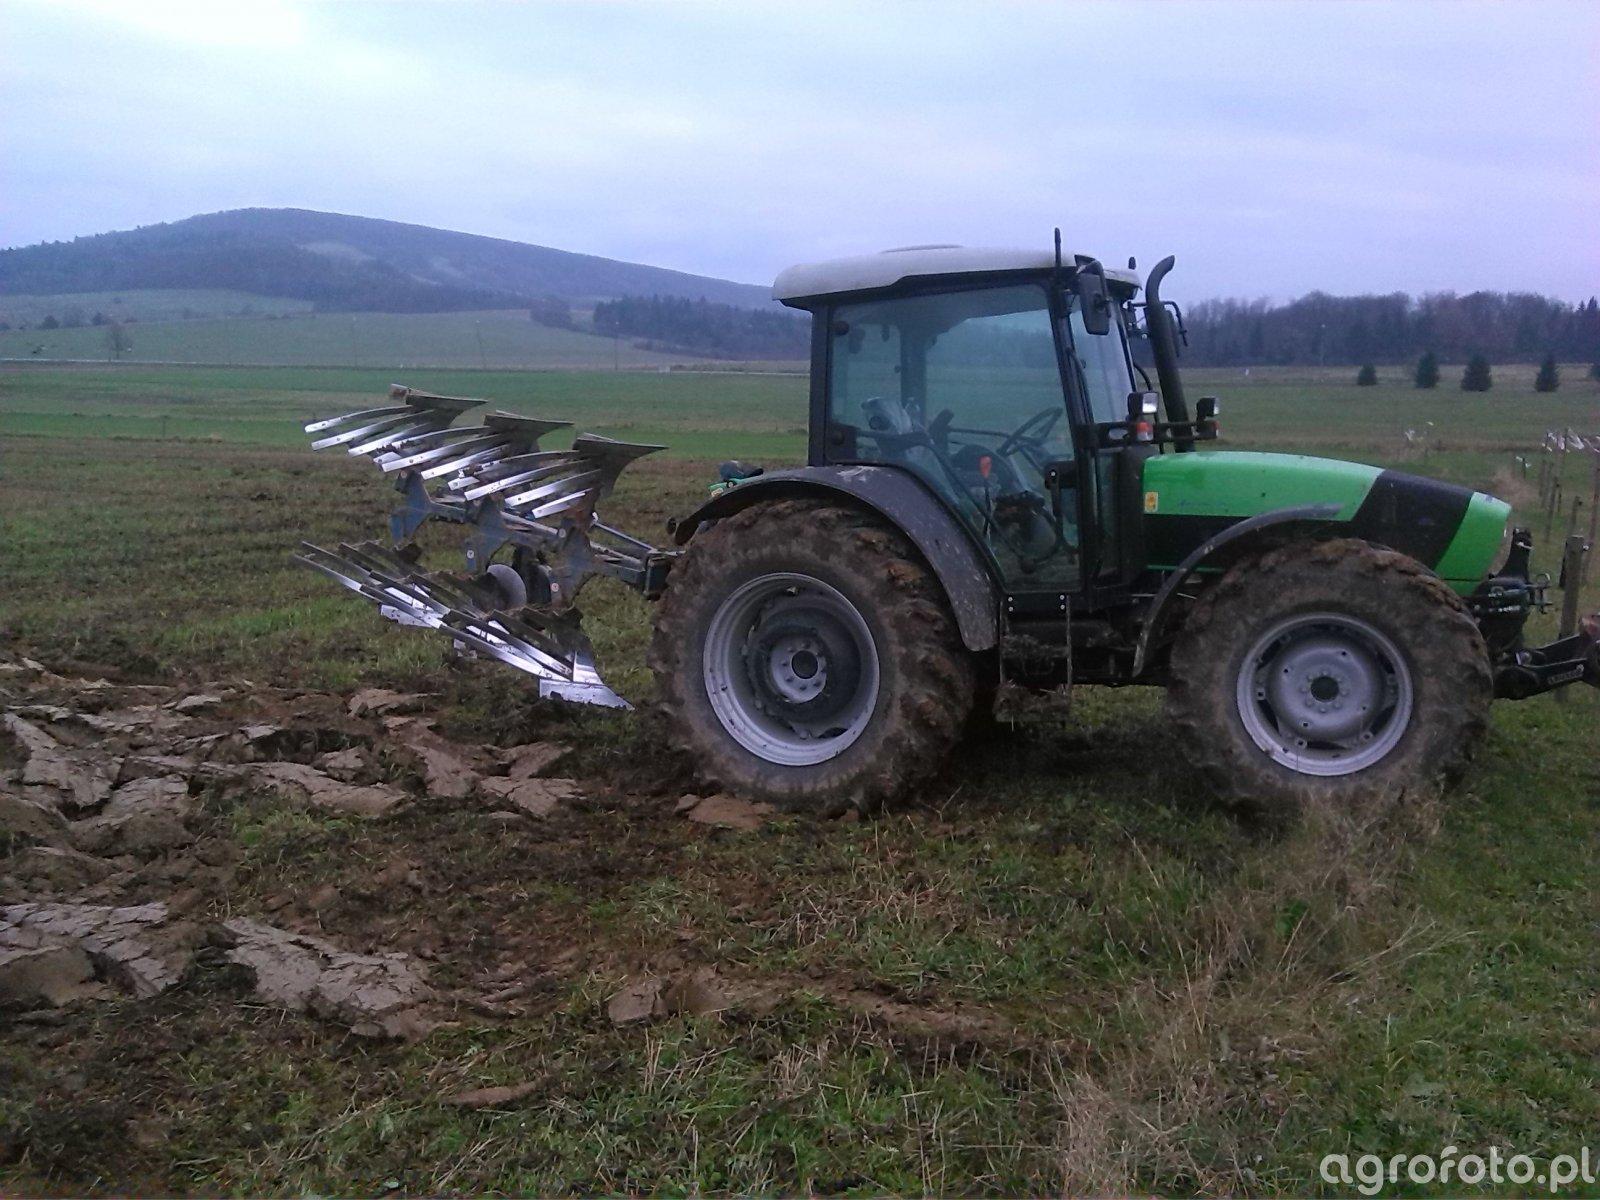 Deutz Fahr Agrofarm 420 GS